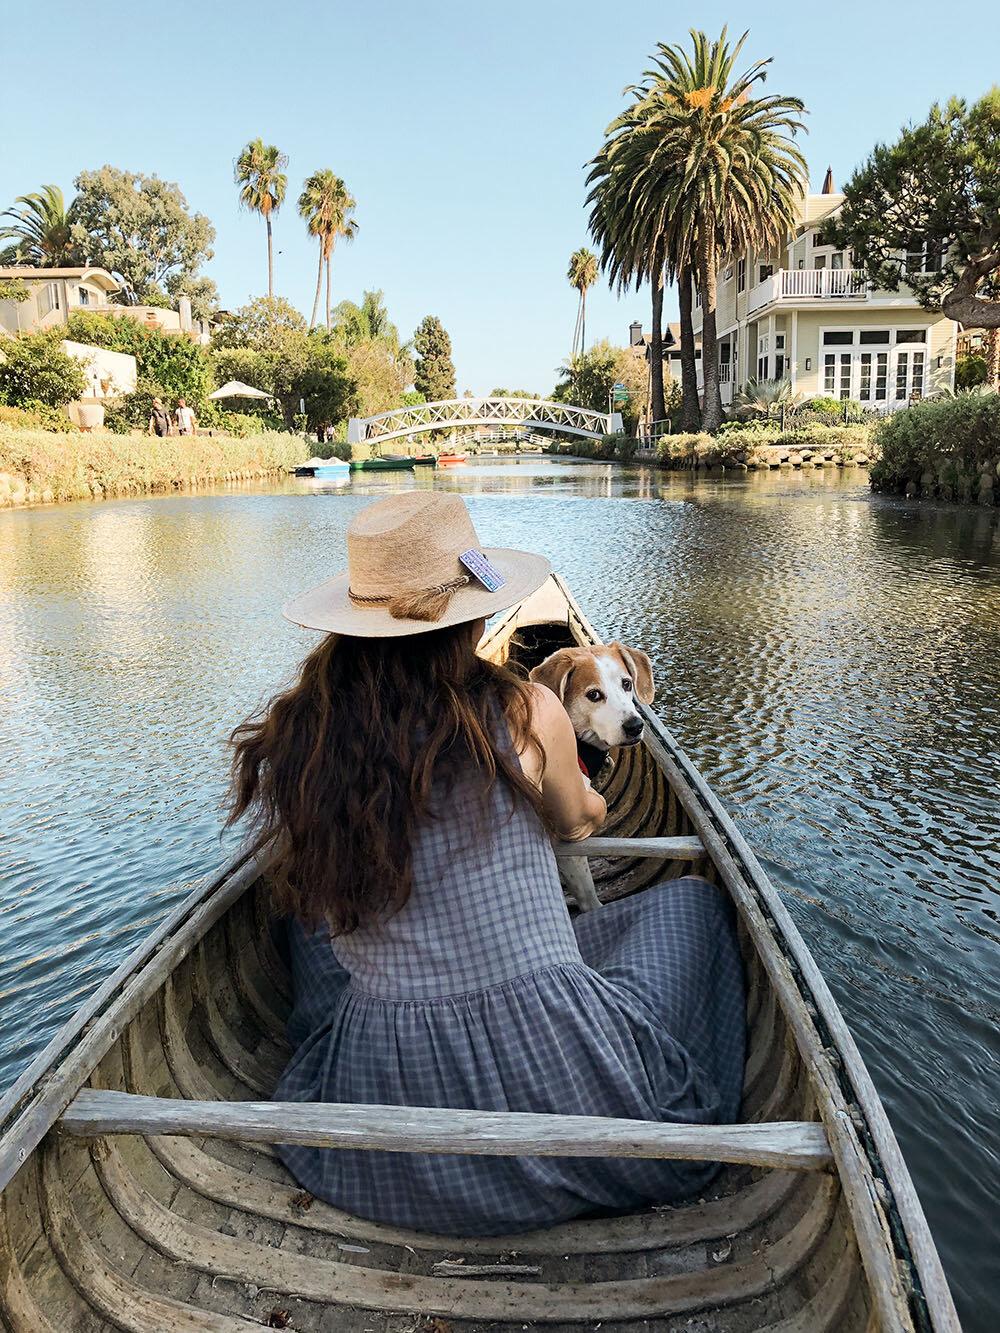 venice_beach_canals_canoe_dog3.JPG